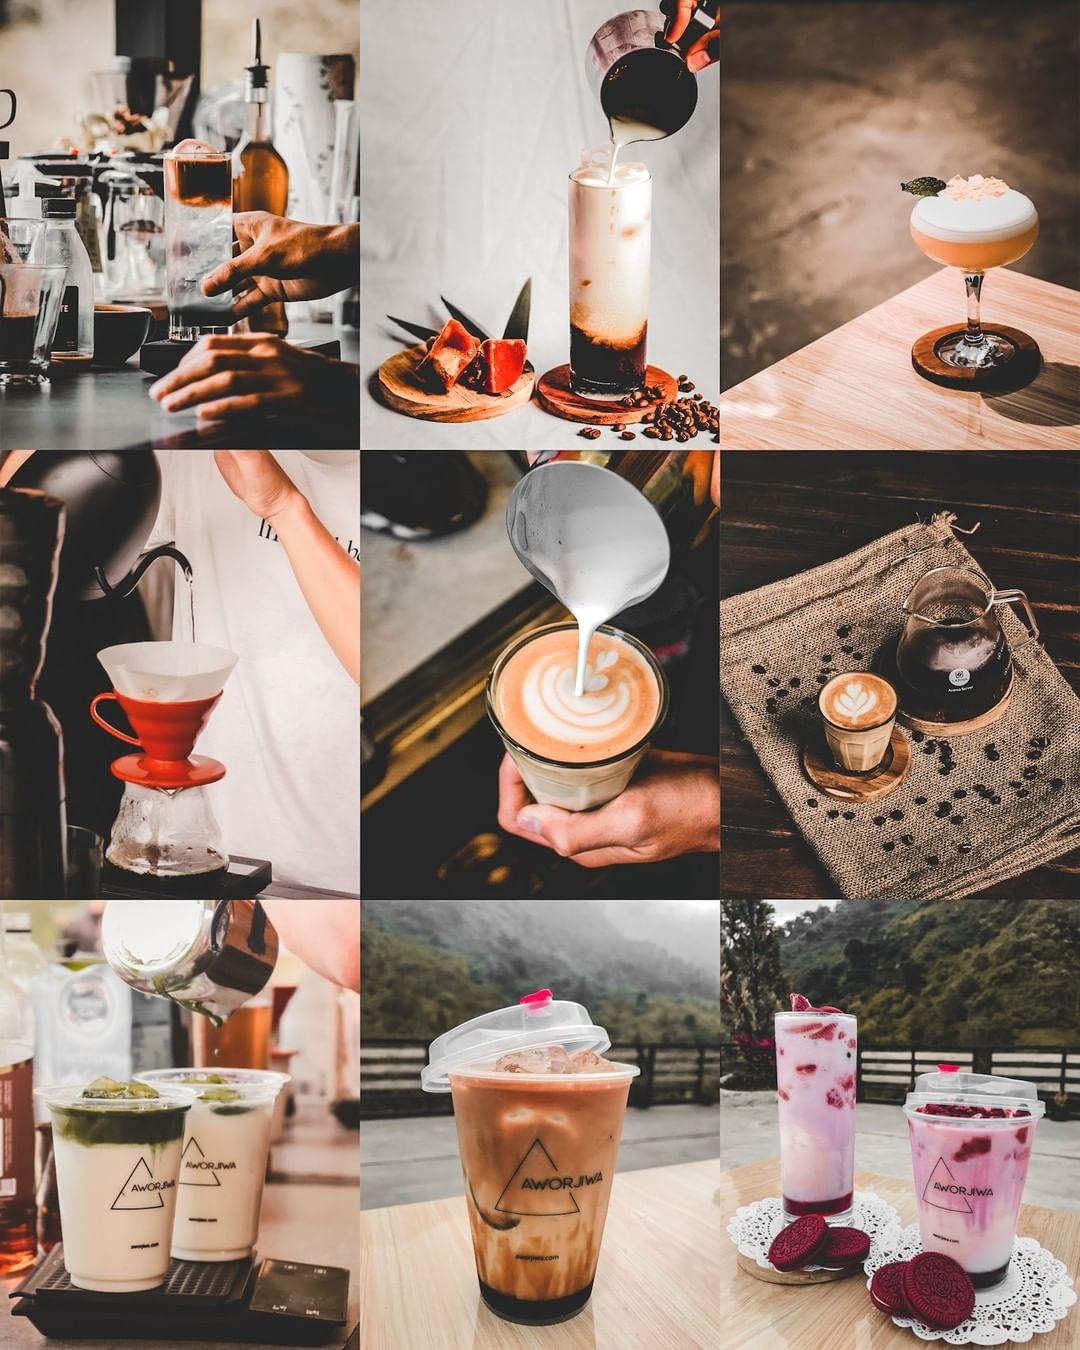 Aworjiwa Coffee Bromo